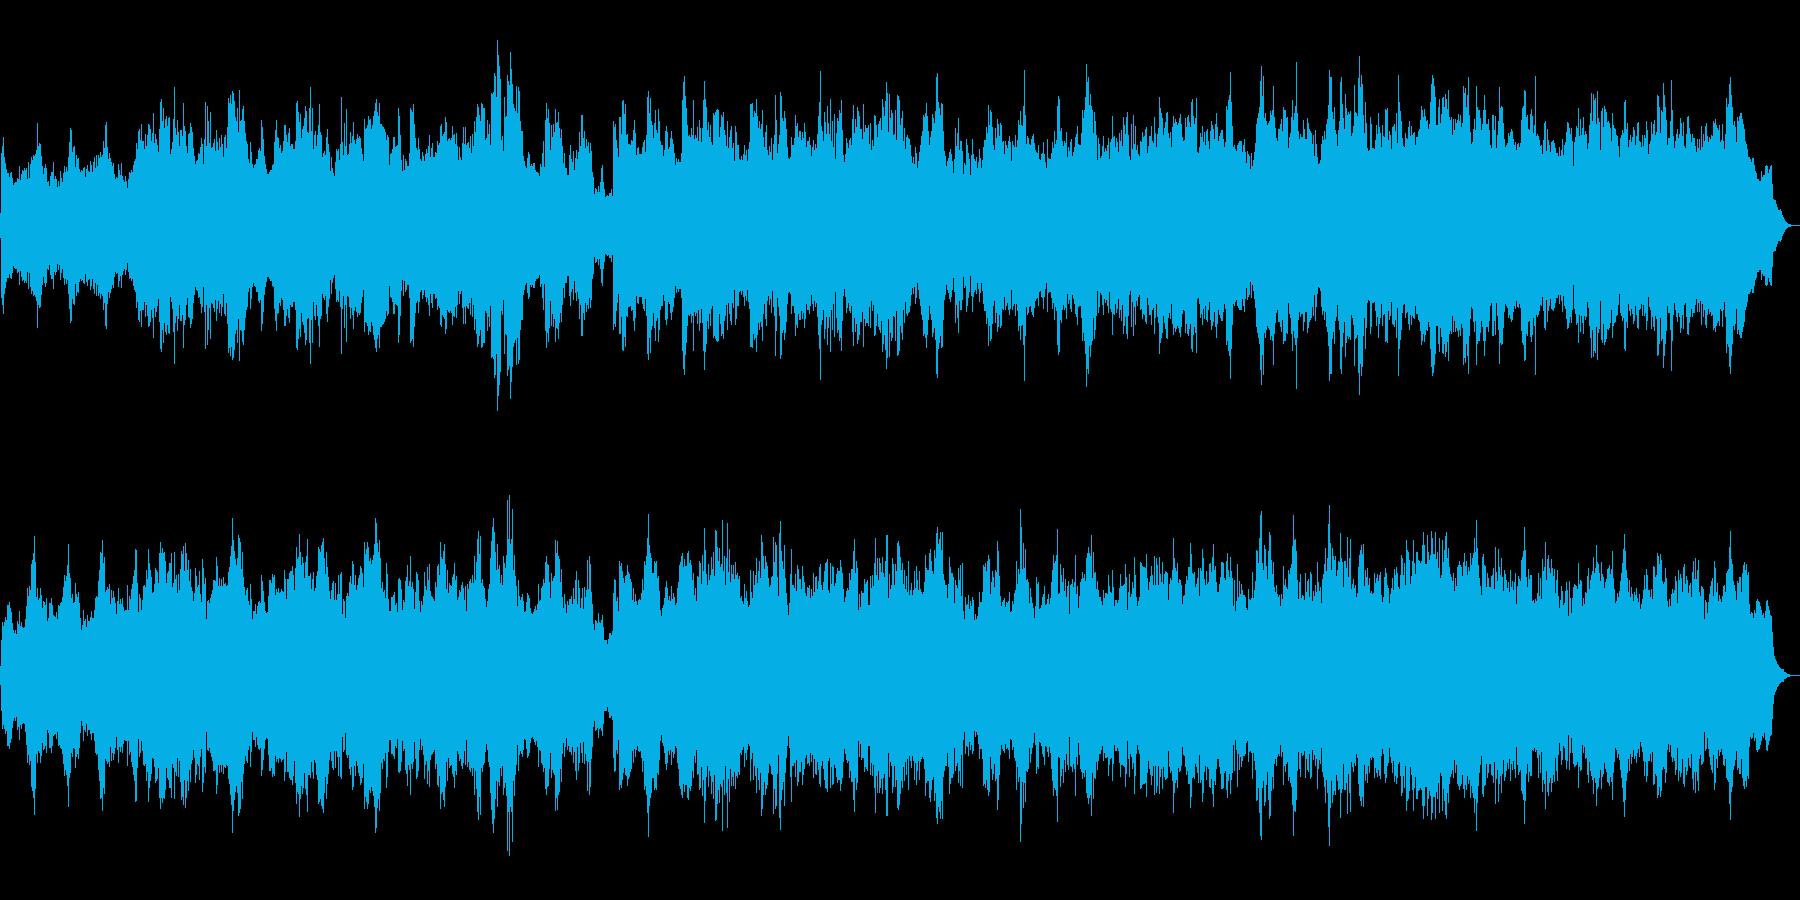 ハロウィン系BGM 魔法の森 SE入り版の再生済みの波形